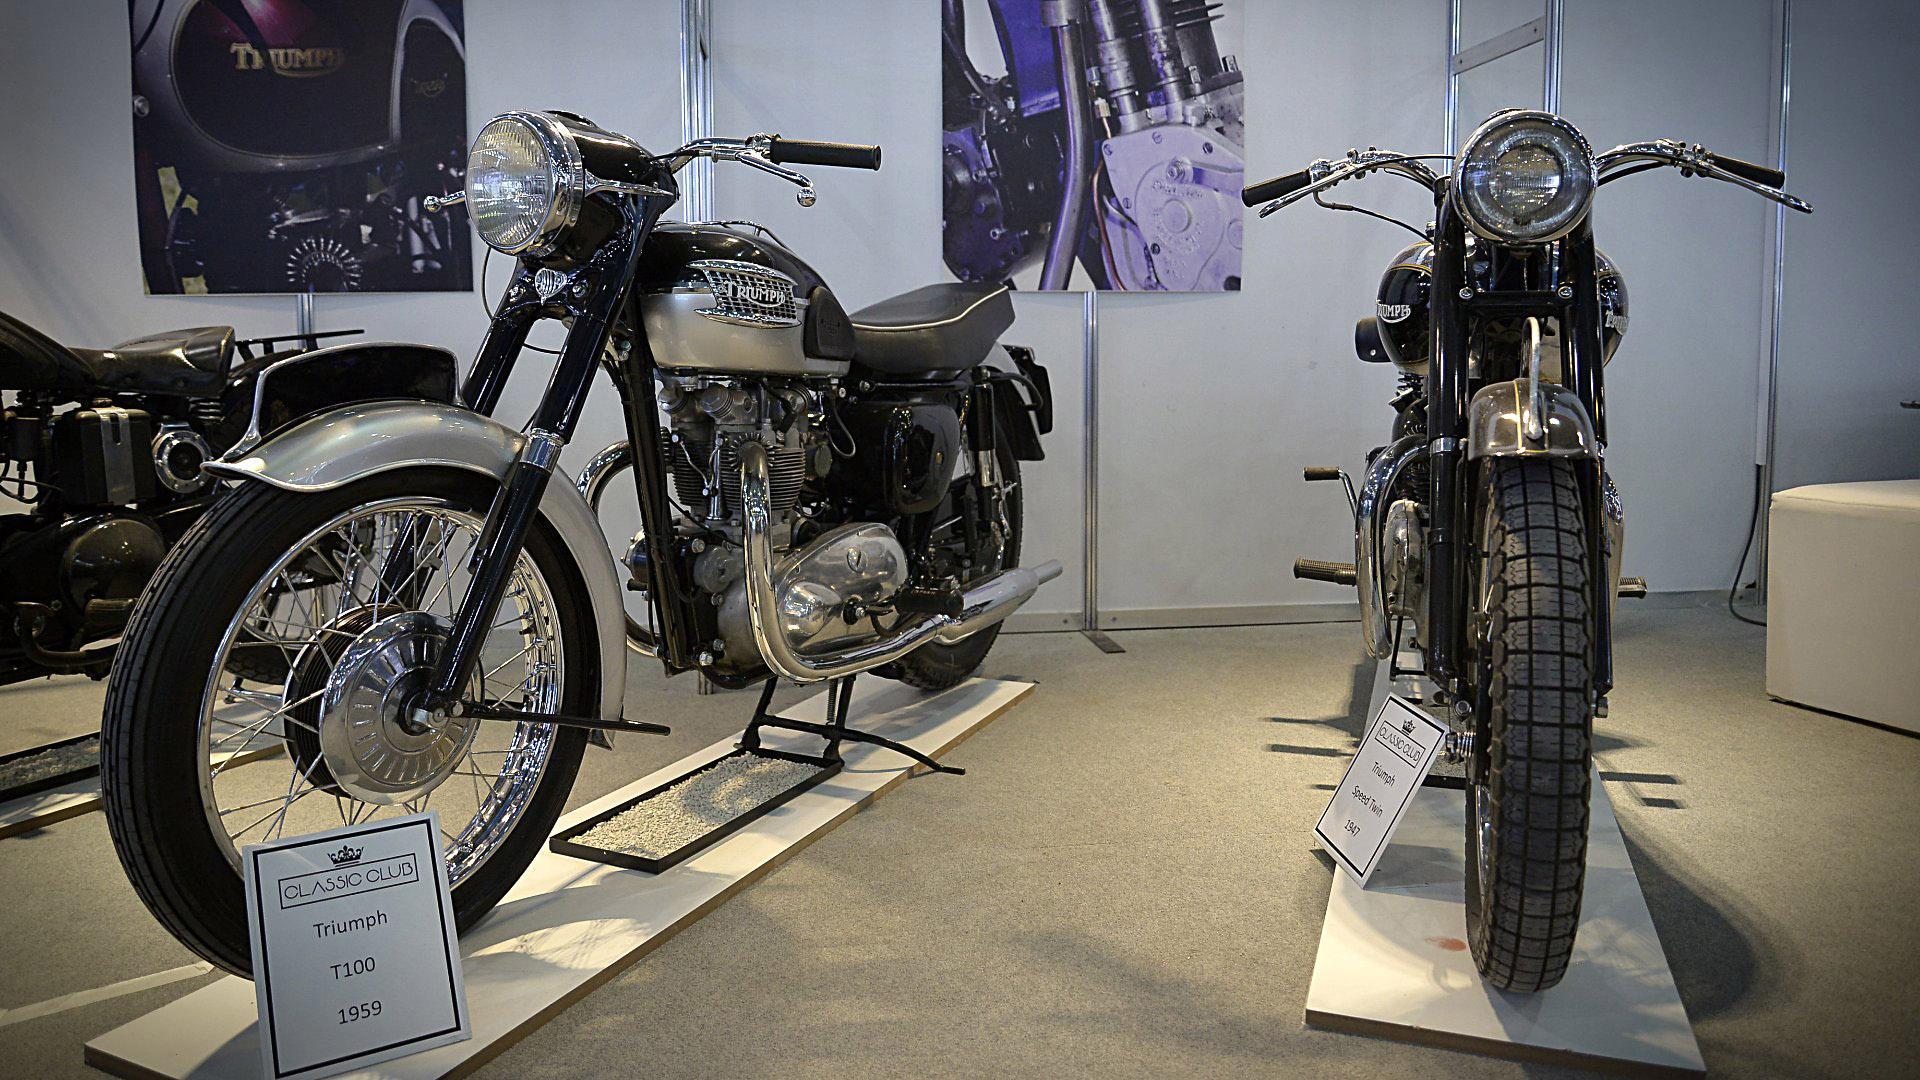 La primera edición del Salón Moto argentino tiene 89 expositores y 120 marcas distribuidas en una superficie de 20.000 metros cuadrados. Hay cientos de motos en escena: motos de pista, scooters, cross, naked, urbanas, scrambler, custom, de tres ruedas y más